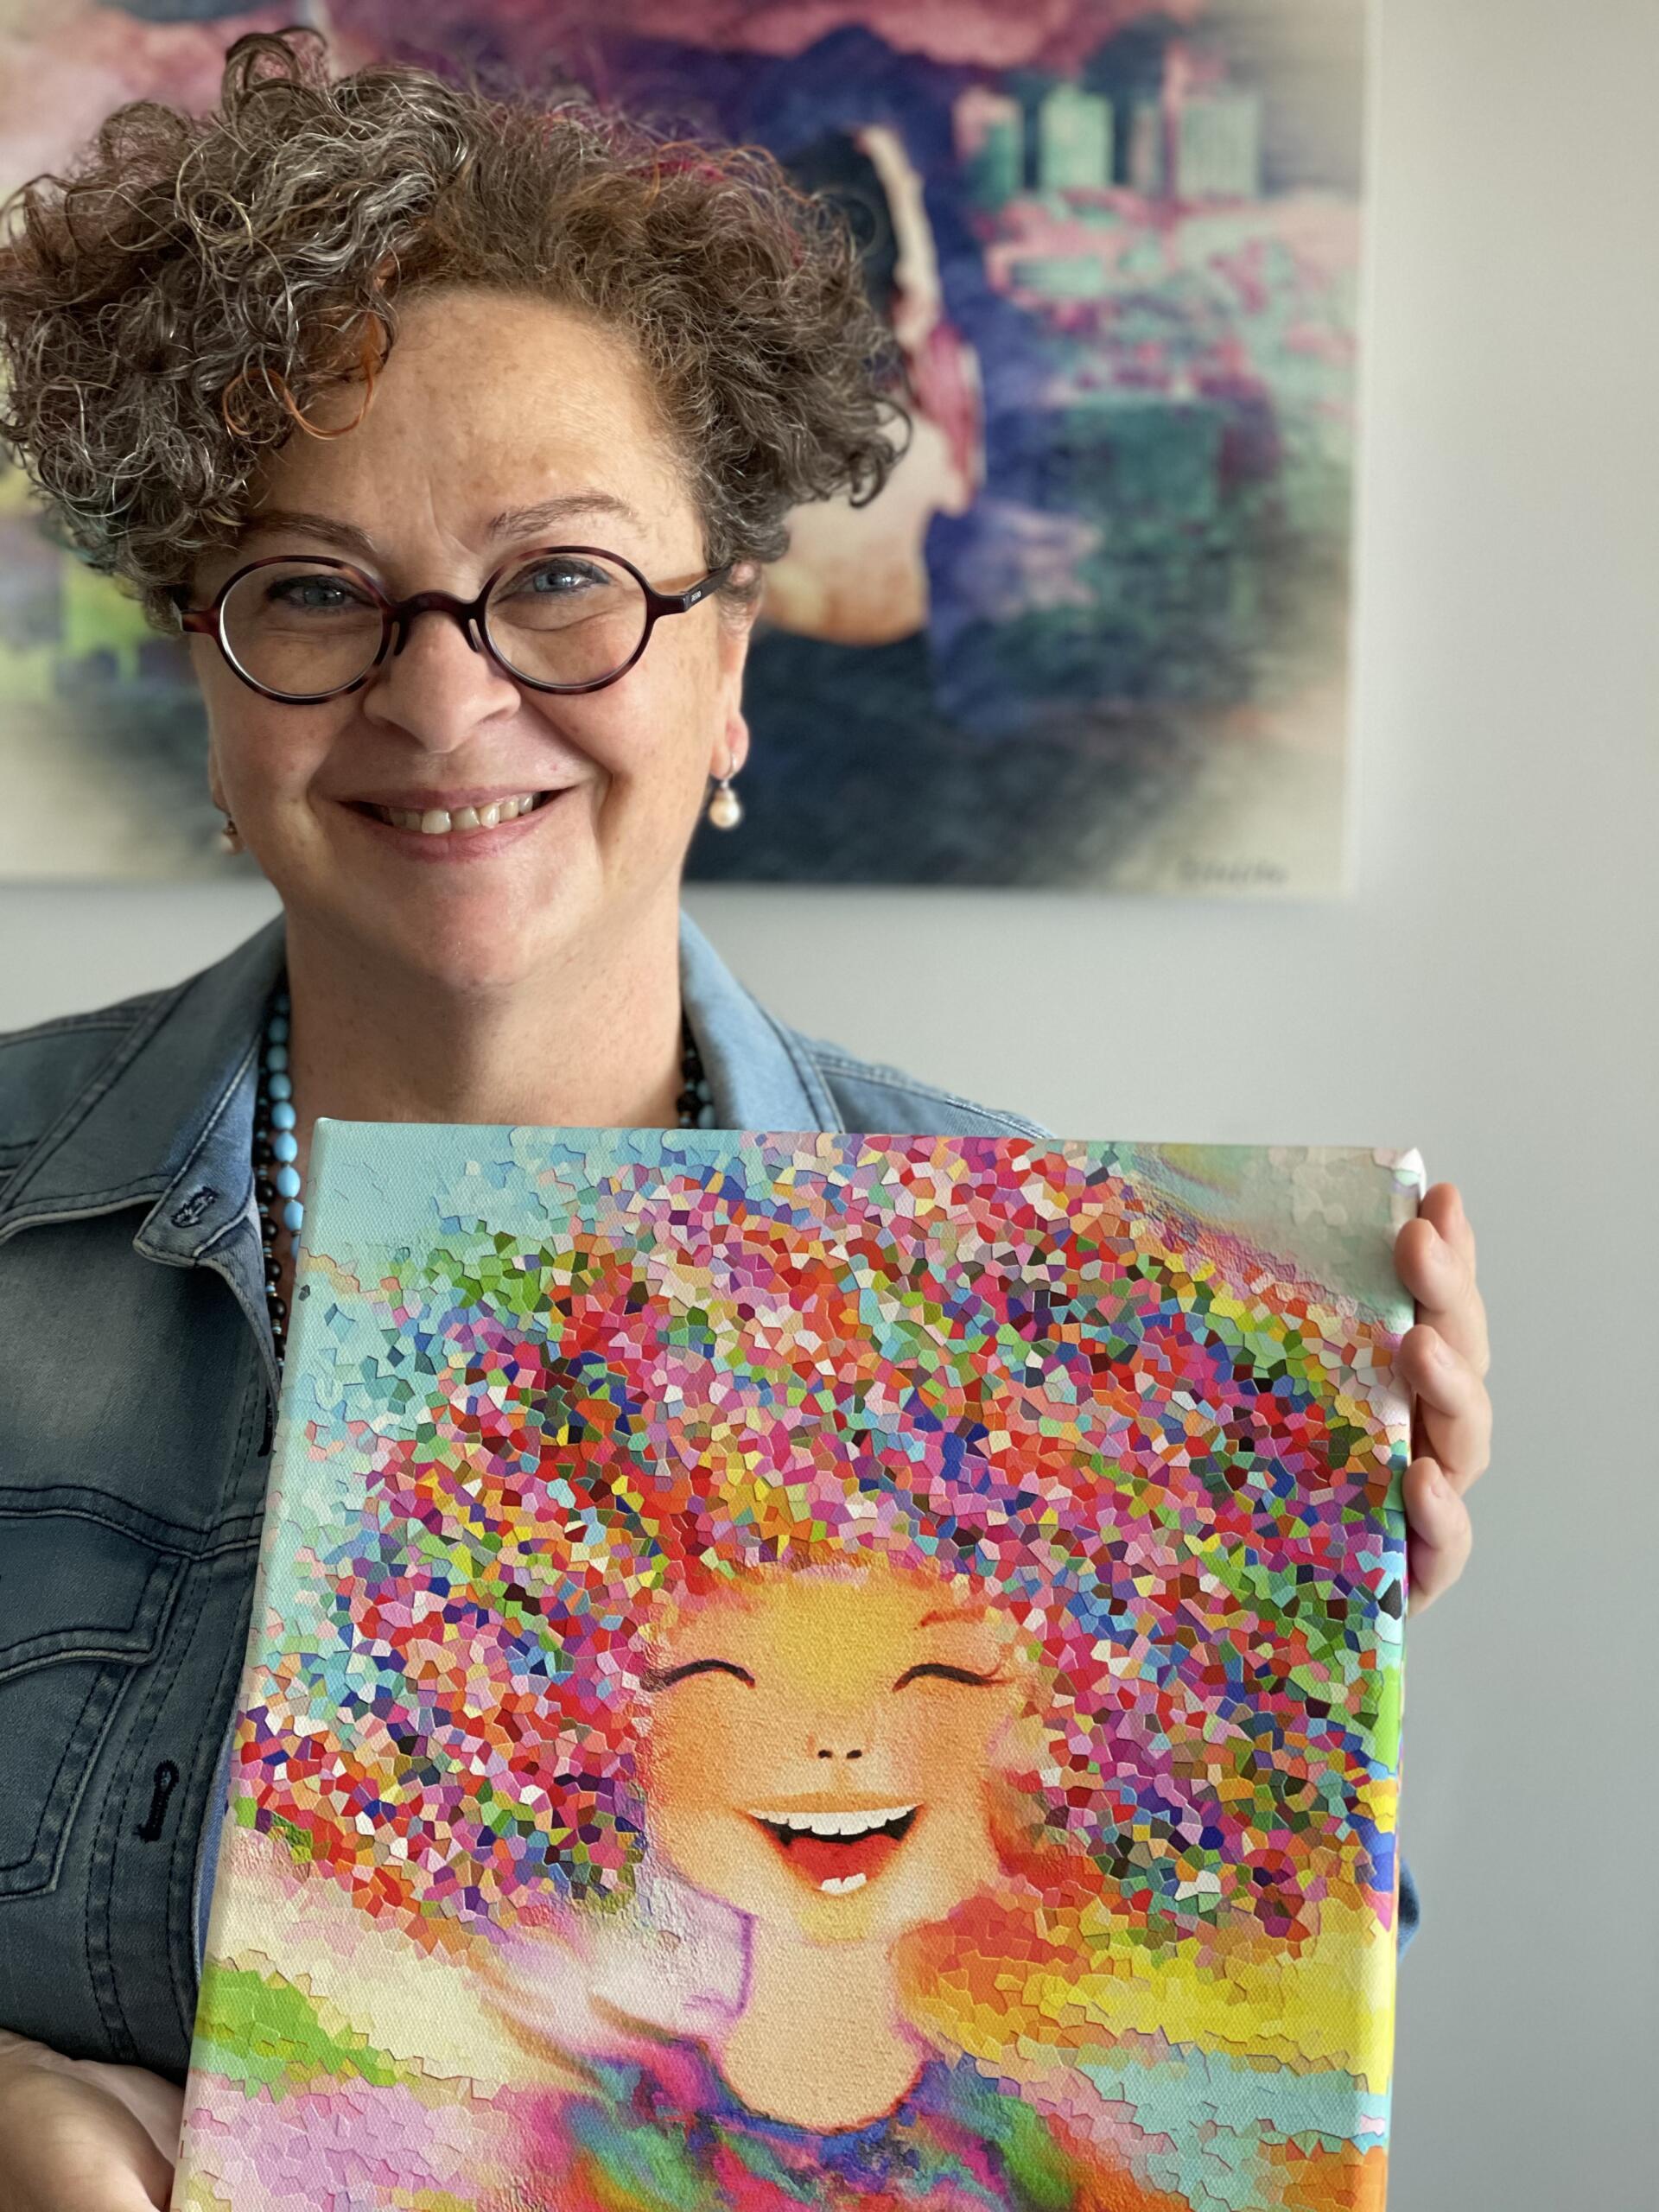 Estel Lita Russo Rotasını Geleceğin Sanat Akımına çevirdi